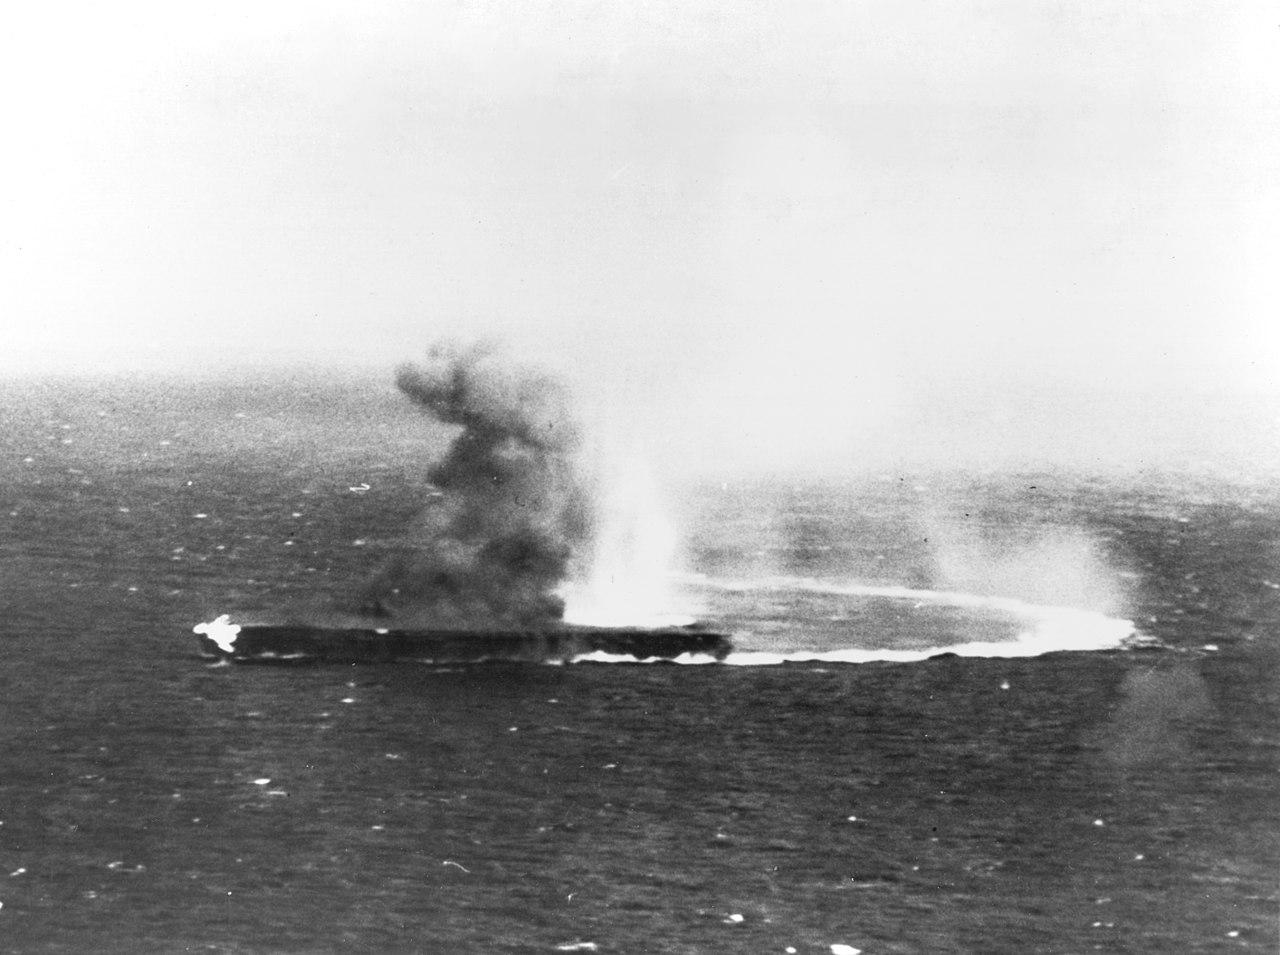 Le porte-avions Shōkaku en feu photographié depuis un appareil américain